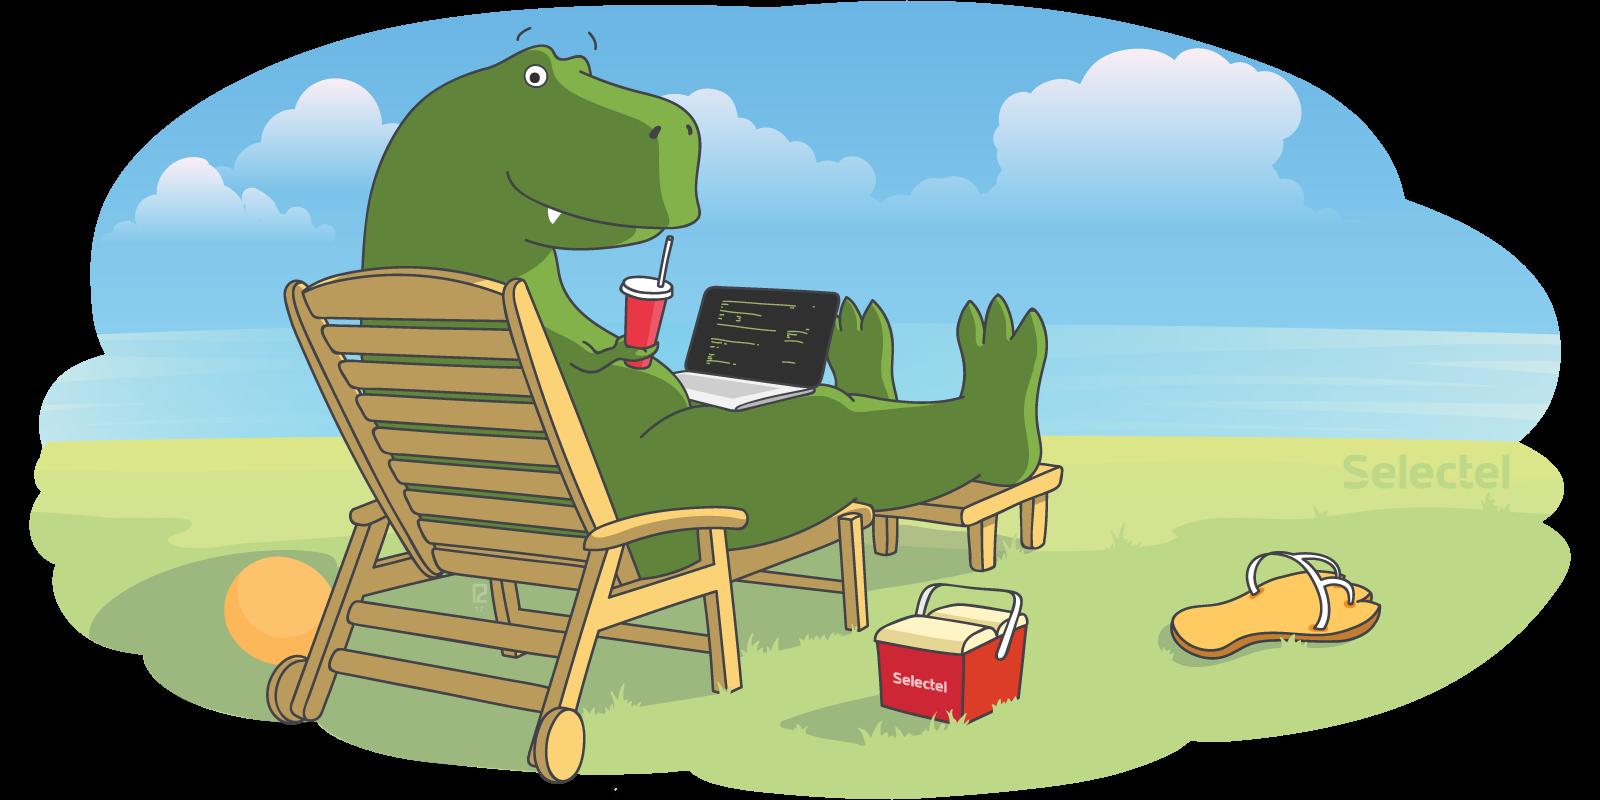 Мониторинг доступности и работа сайта во время выходных - 1